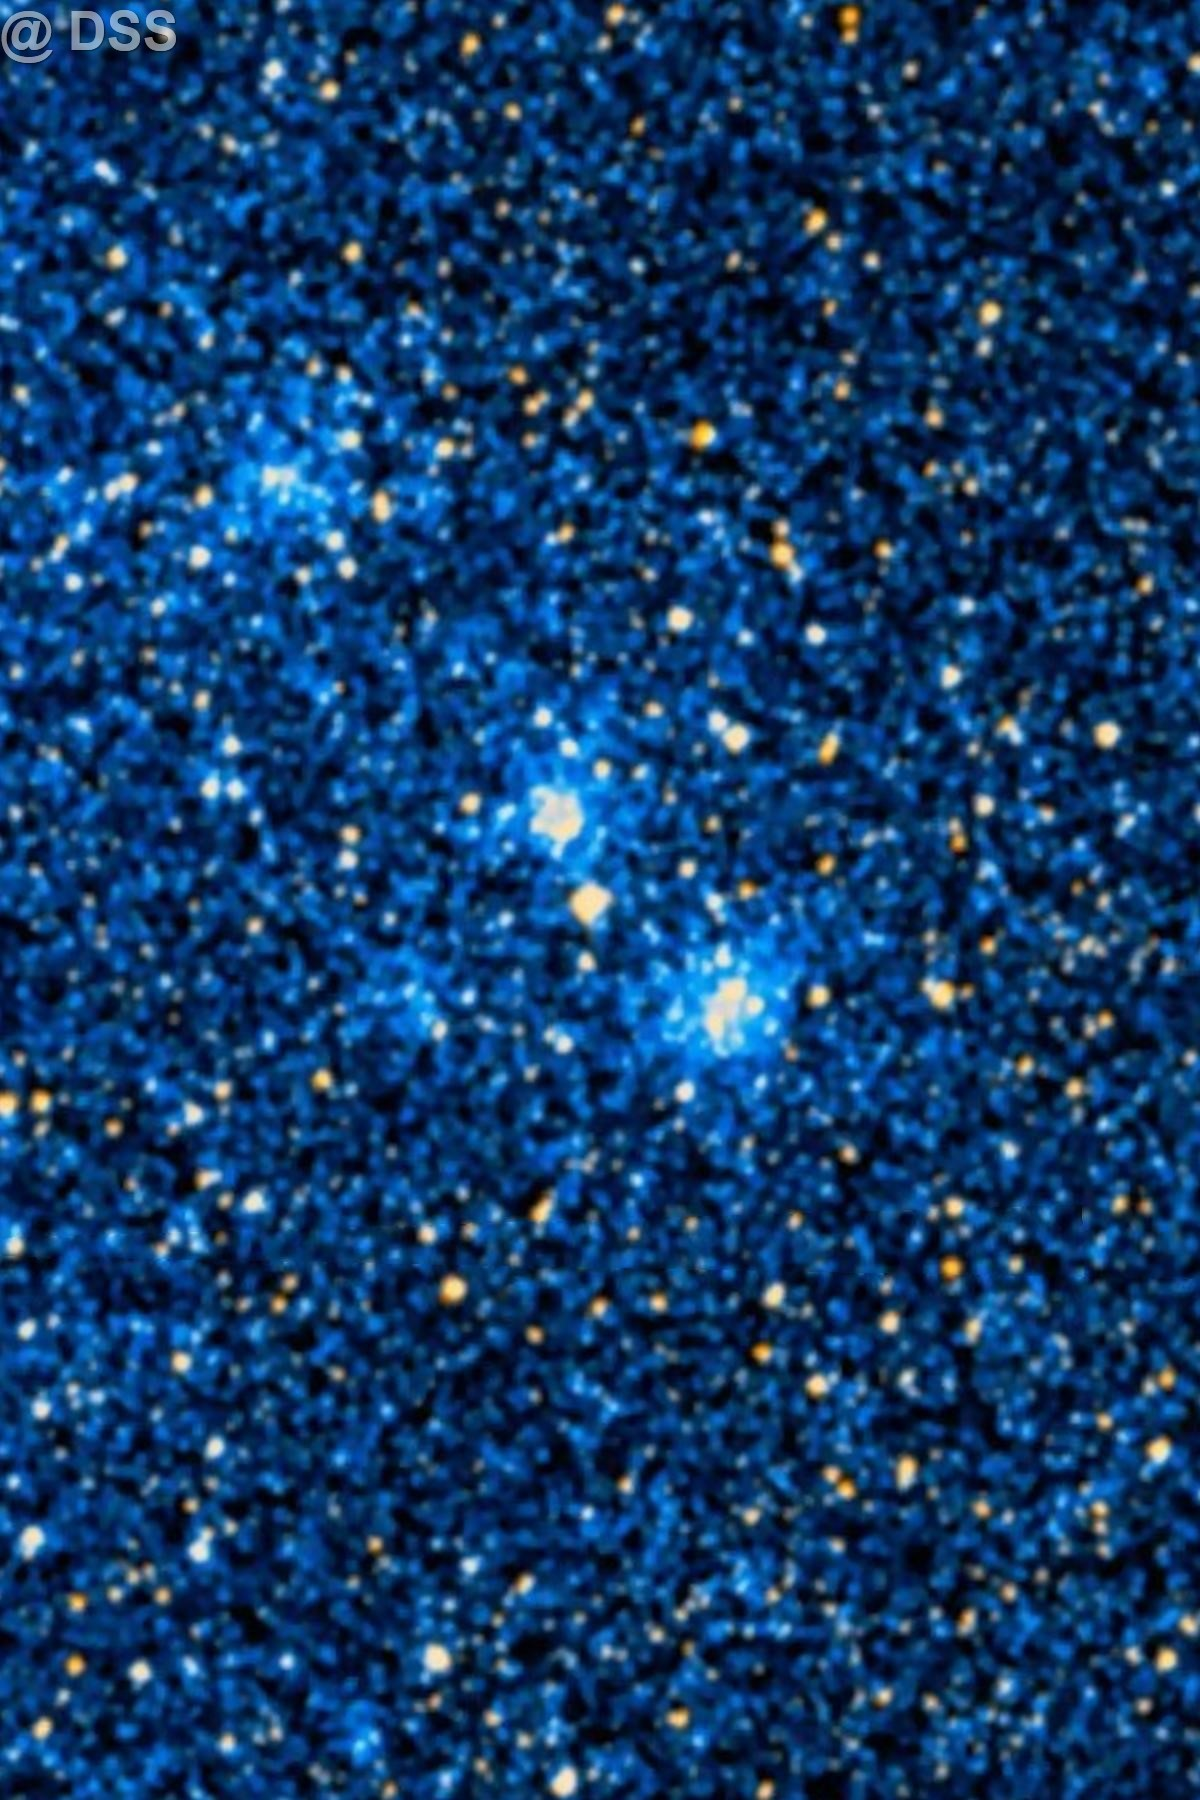 NGC 220 & NGC 222